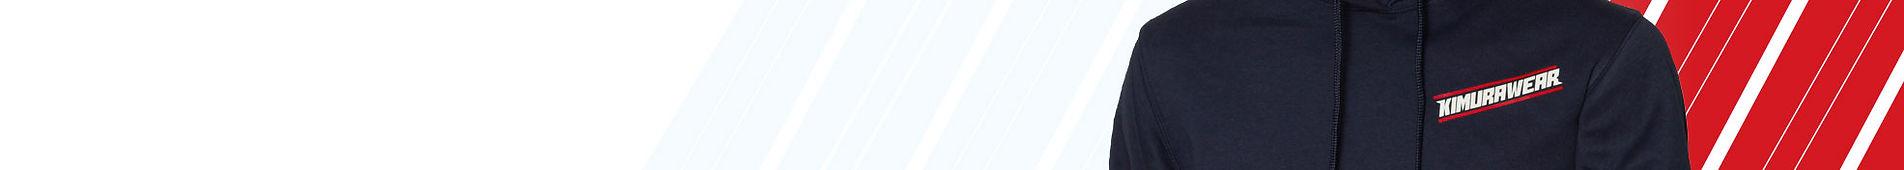 Banner-Hoodie.jpg